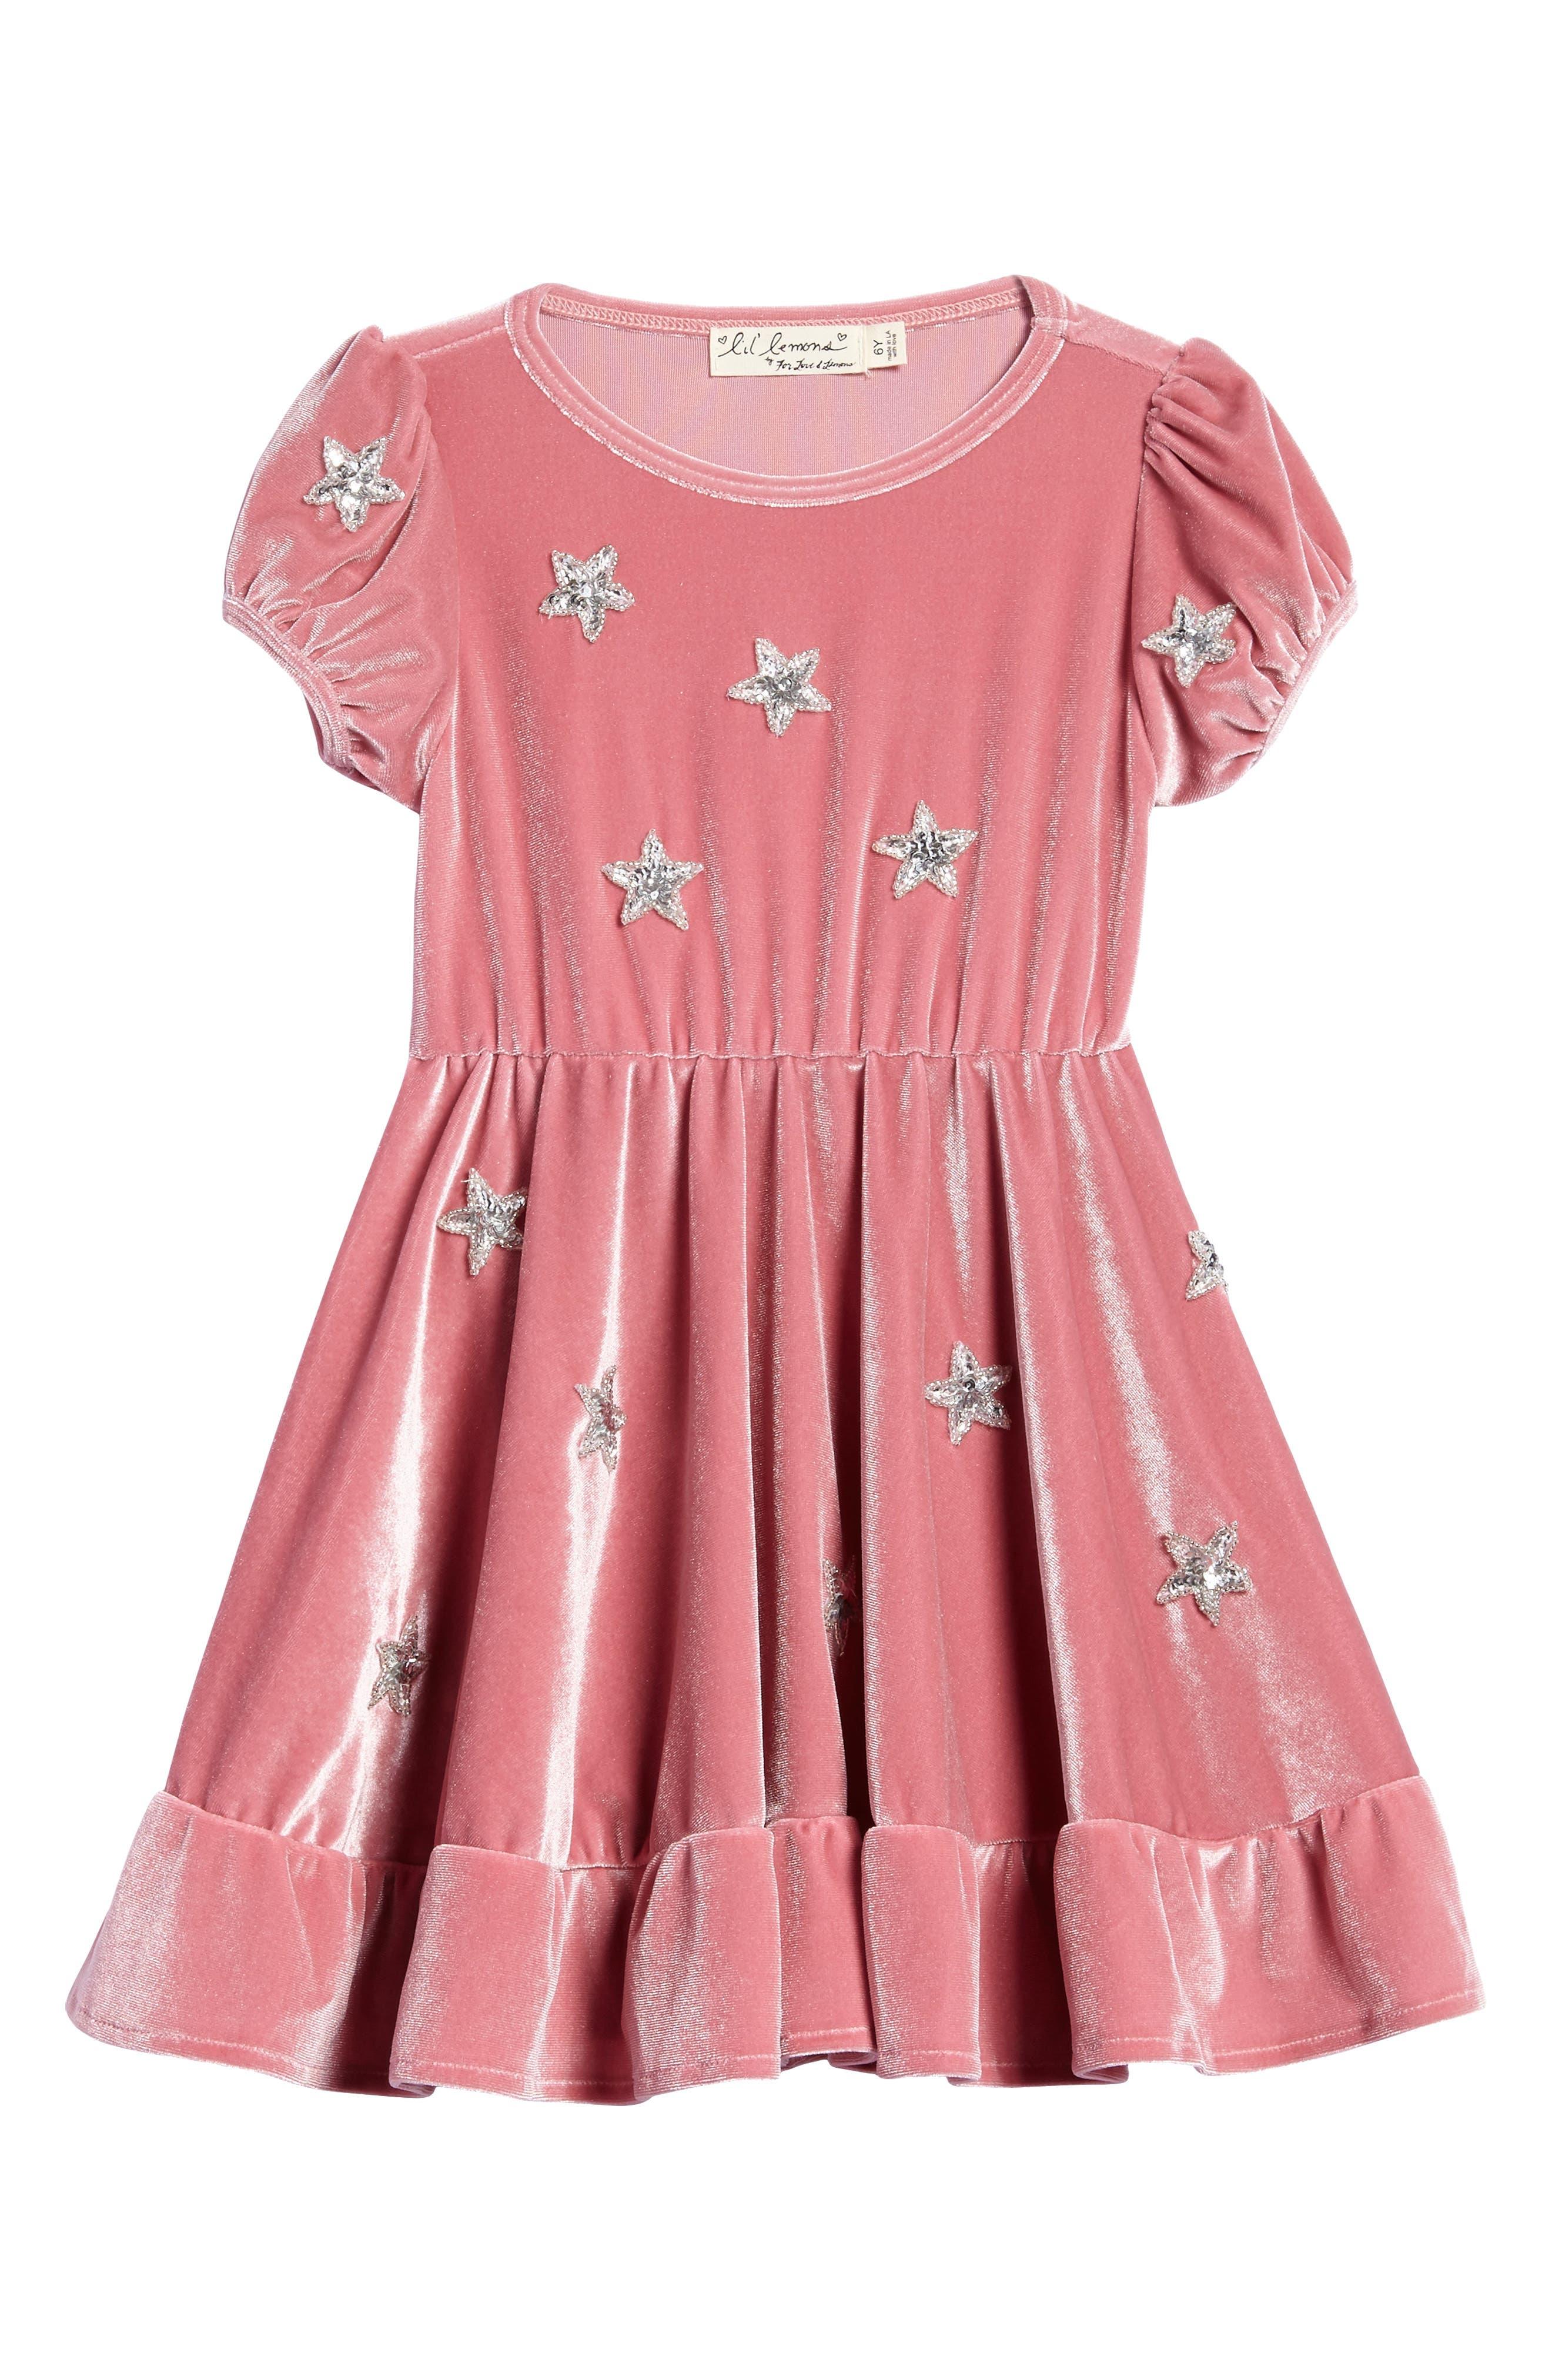 Lil Lemons by For Love & Lemons North Star Velvet Dress (Toddler Girls & Little Girls)